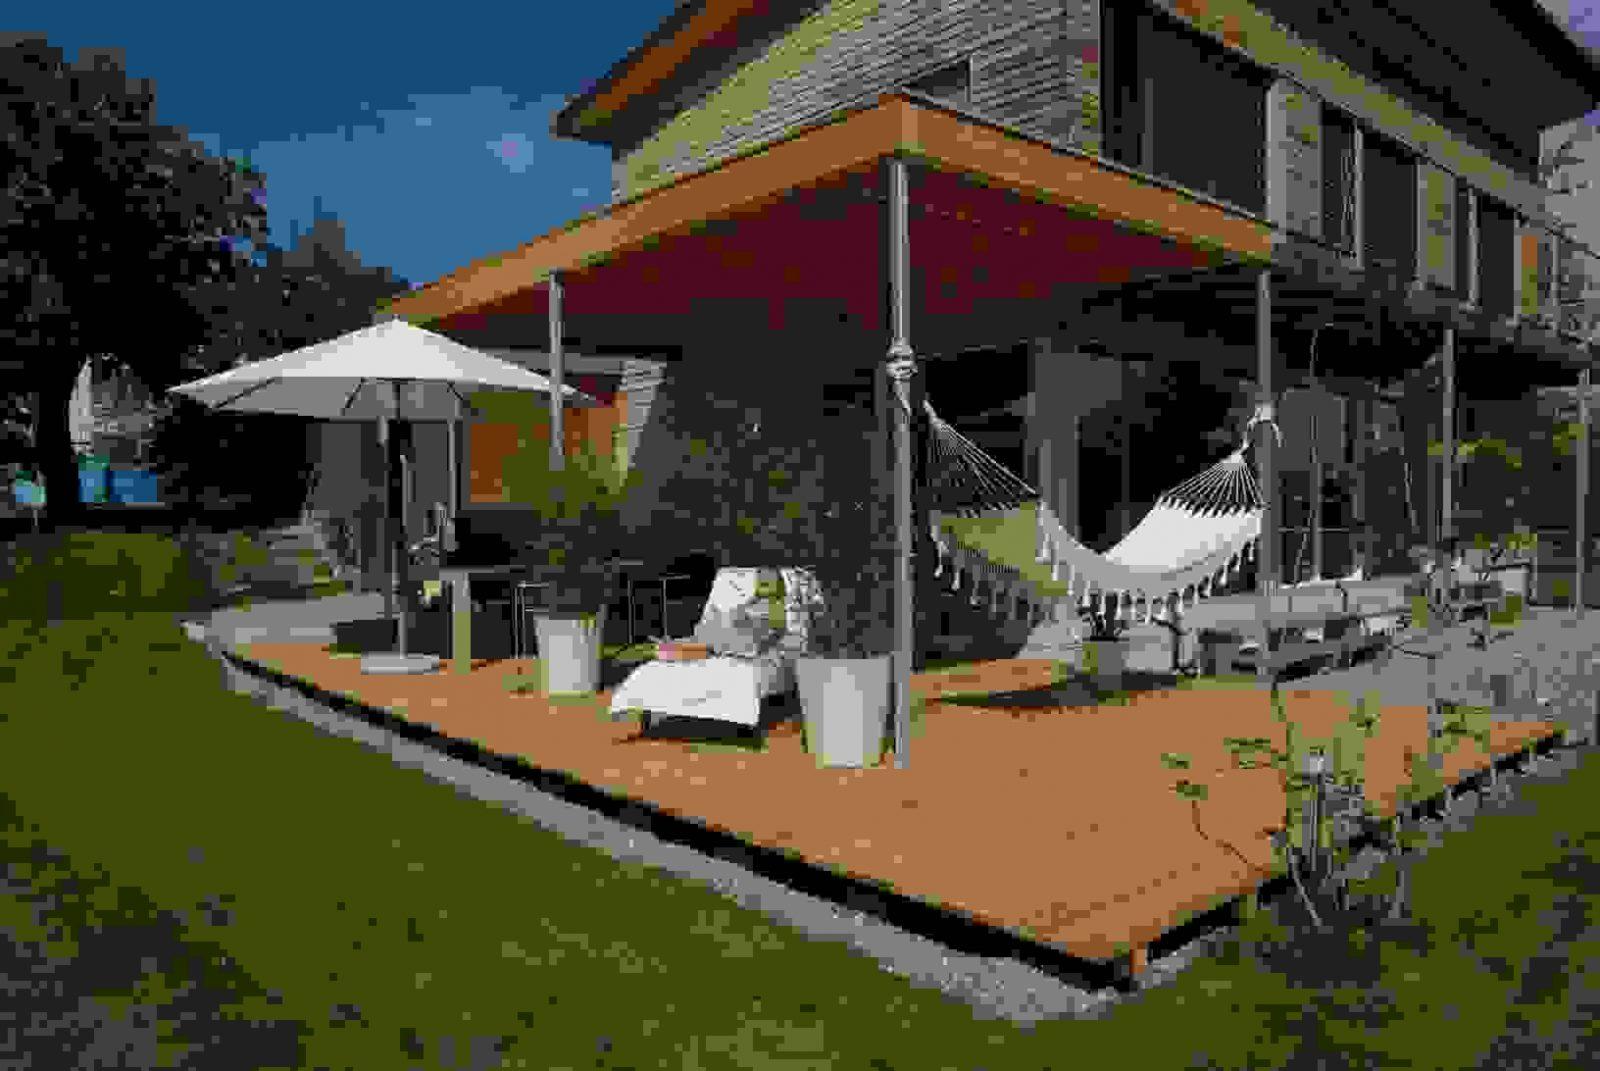 Sitzplatz Garten Anlegen Sitzplatz Garten Gestalten Haloring von Sitzplatz Im Garten Anlegen Photo